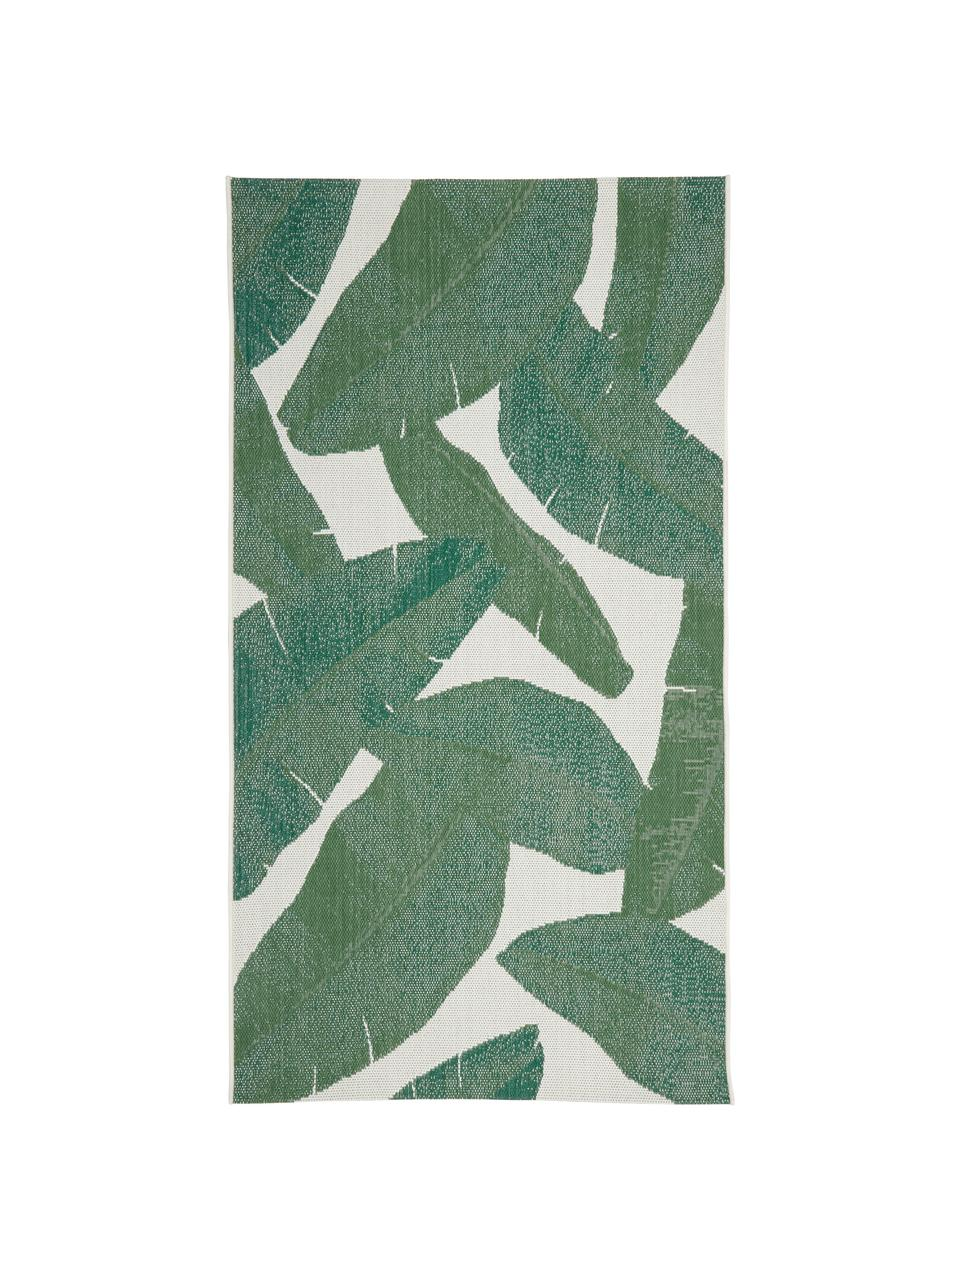 In- & outdoor vloerkleed Jungle met bladpatroon, 86% polypropyleen, 14% polyester, Crèmewit, groen, B 200 x L 290 cm (maat L)